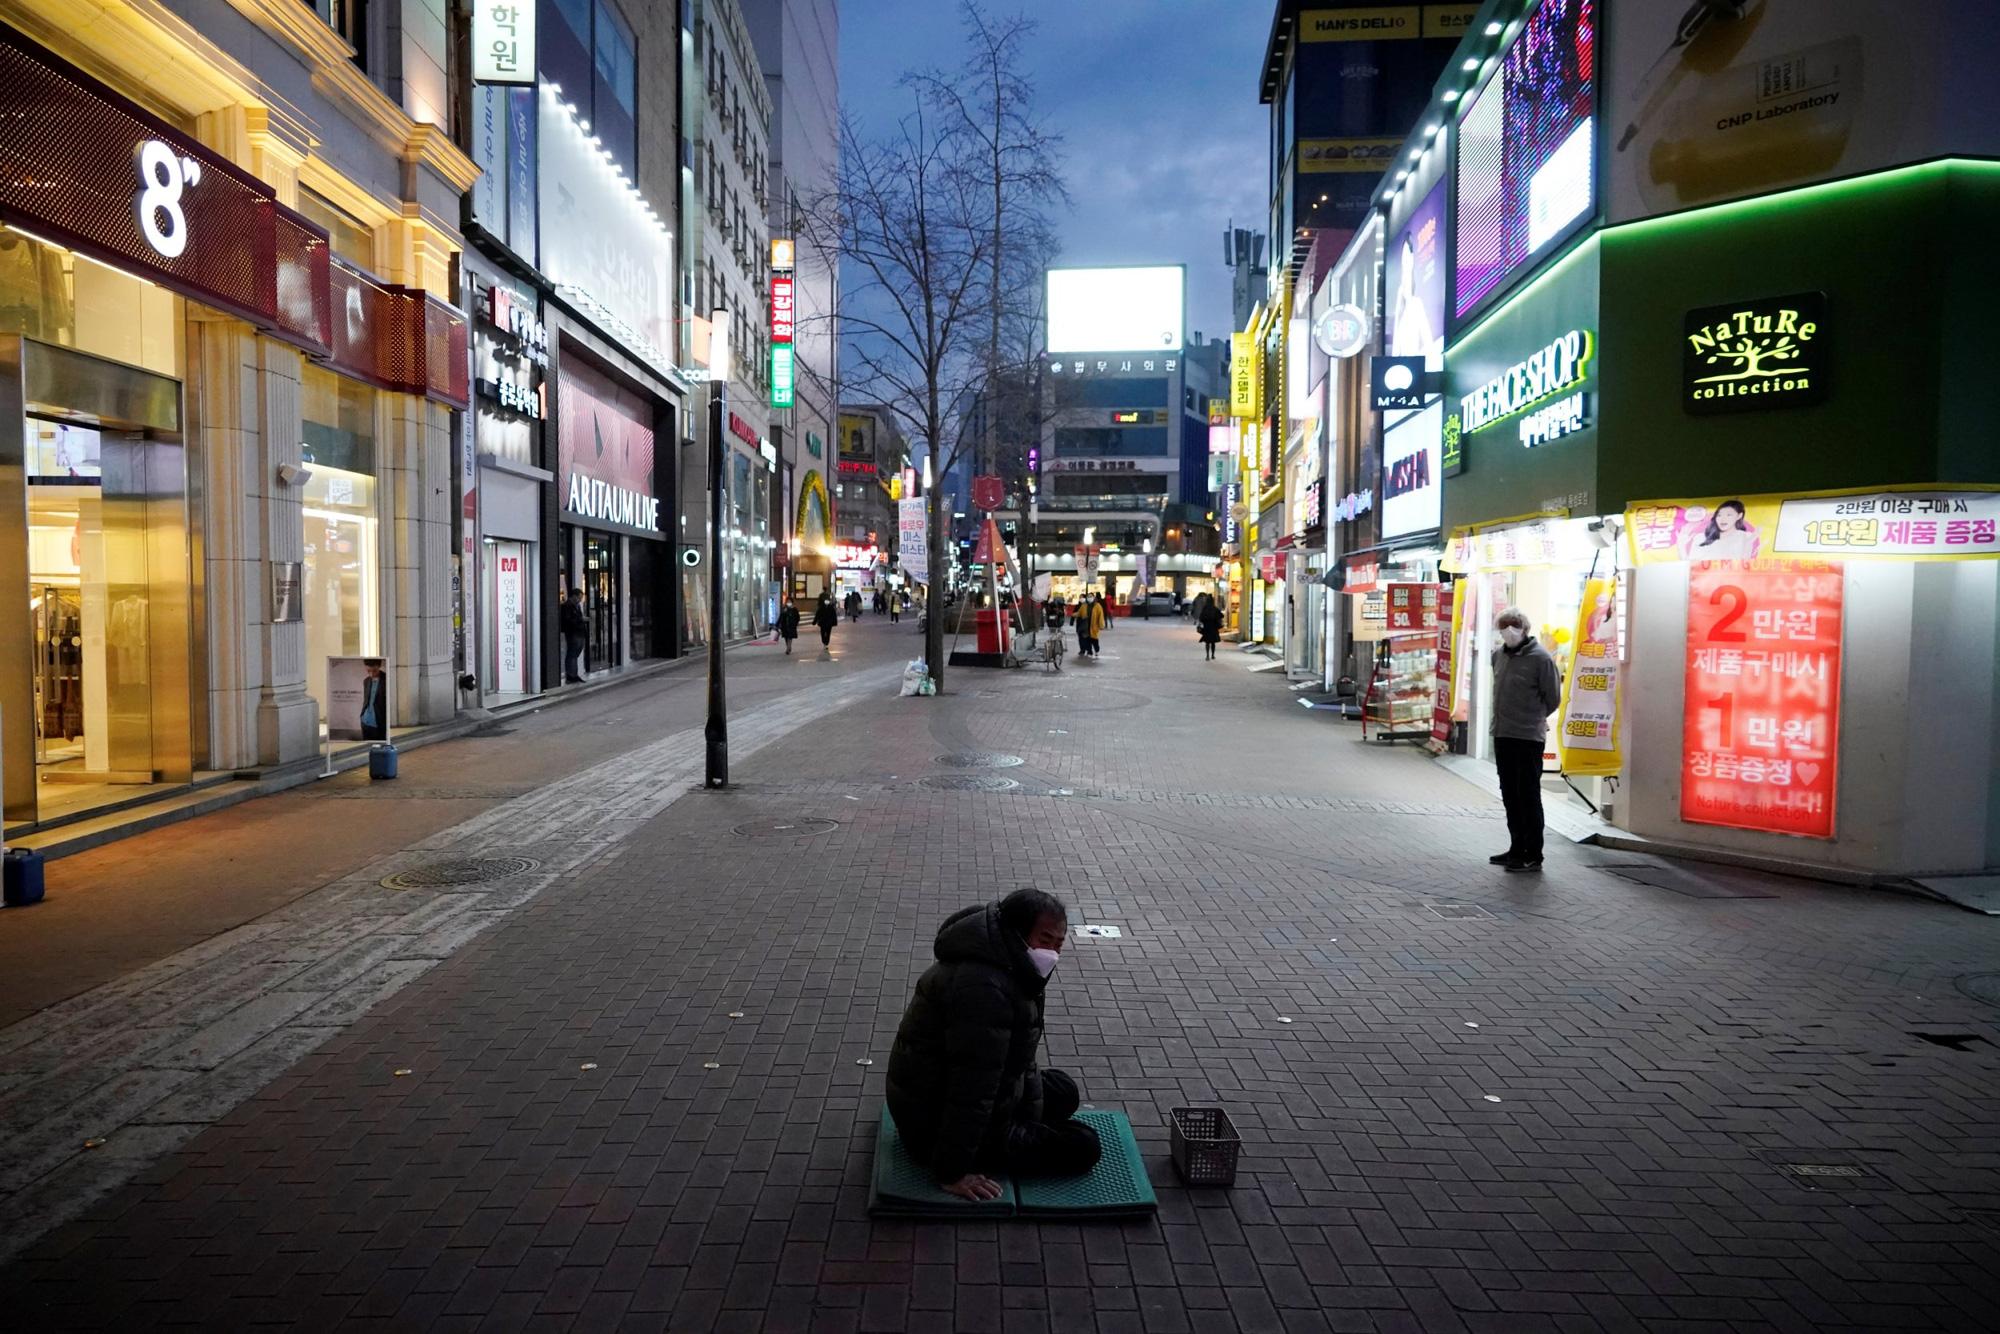 Daegu lúc này: Người dân không dám ra đường, vợ chồng không chung chăn gối, âm thanh đáng sợ nhất là tiếng ho - Ảnh 5.